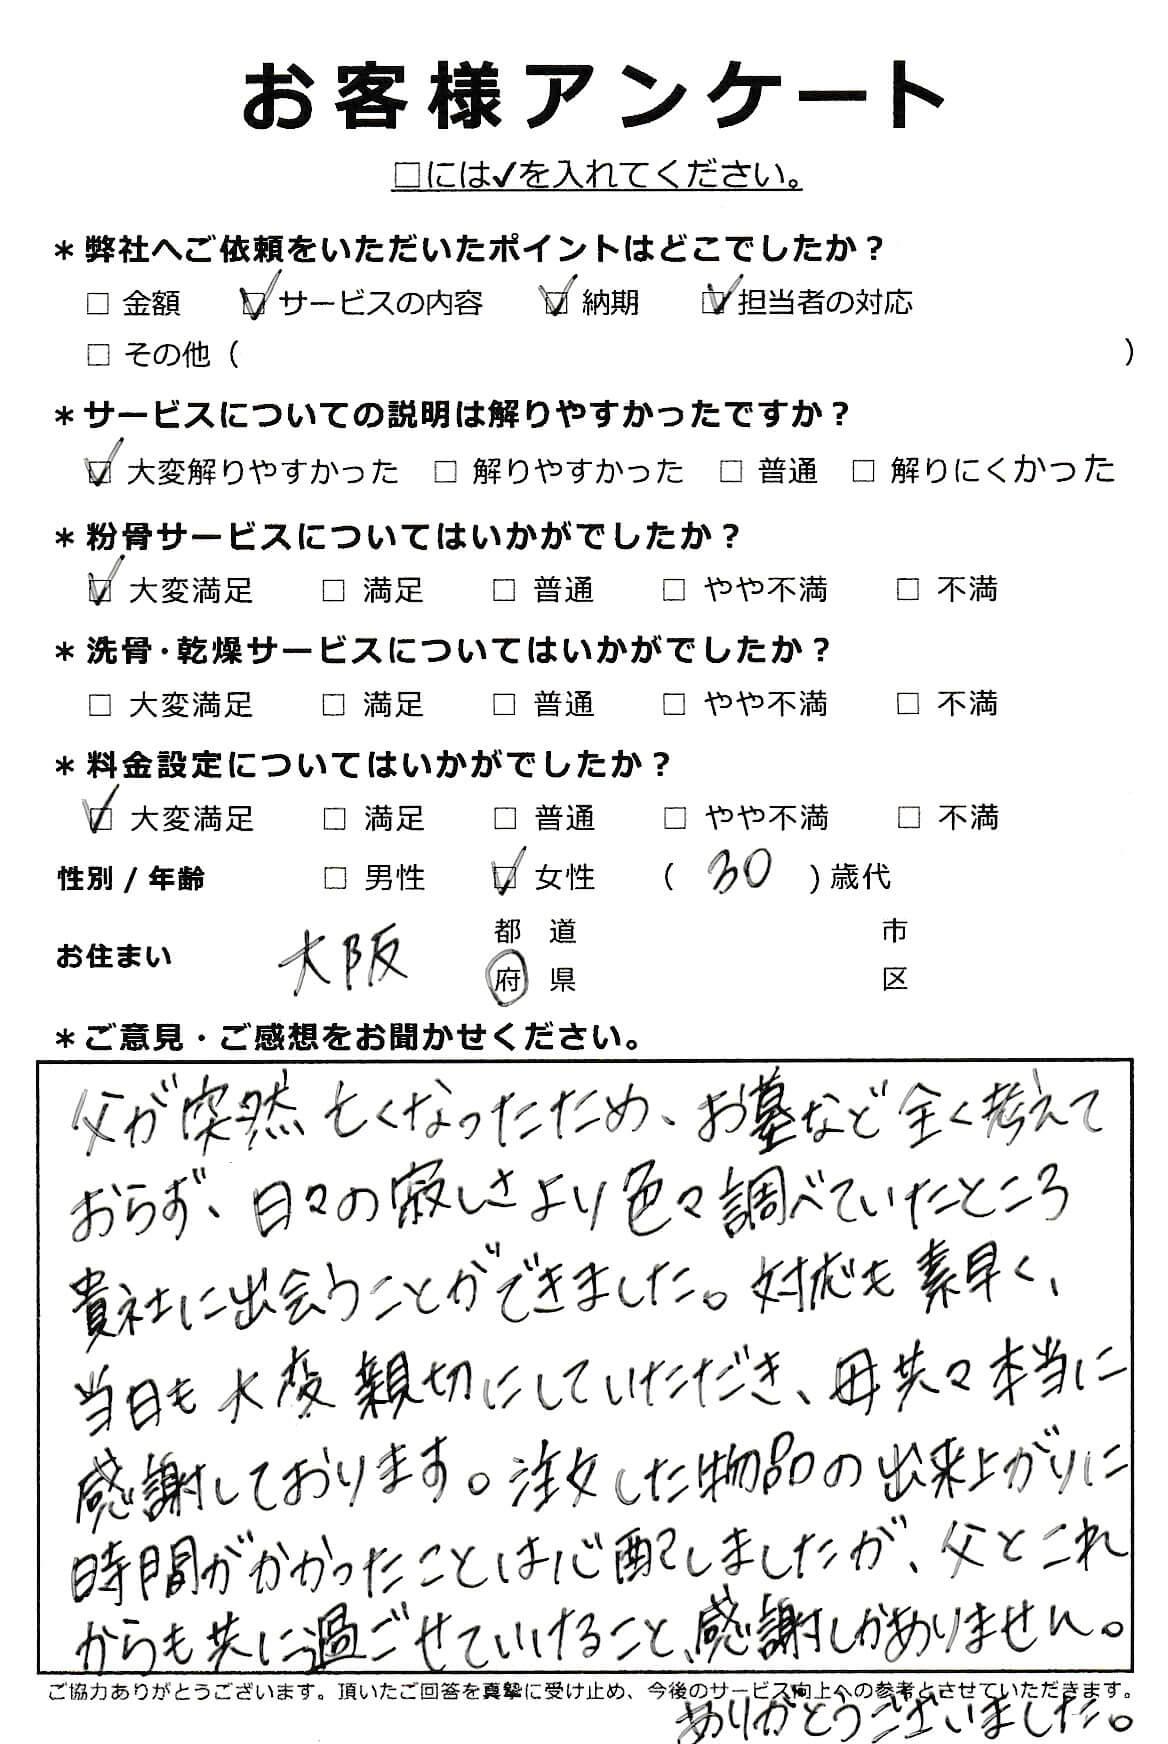 大阪府での粉骨サービス